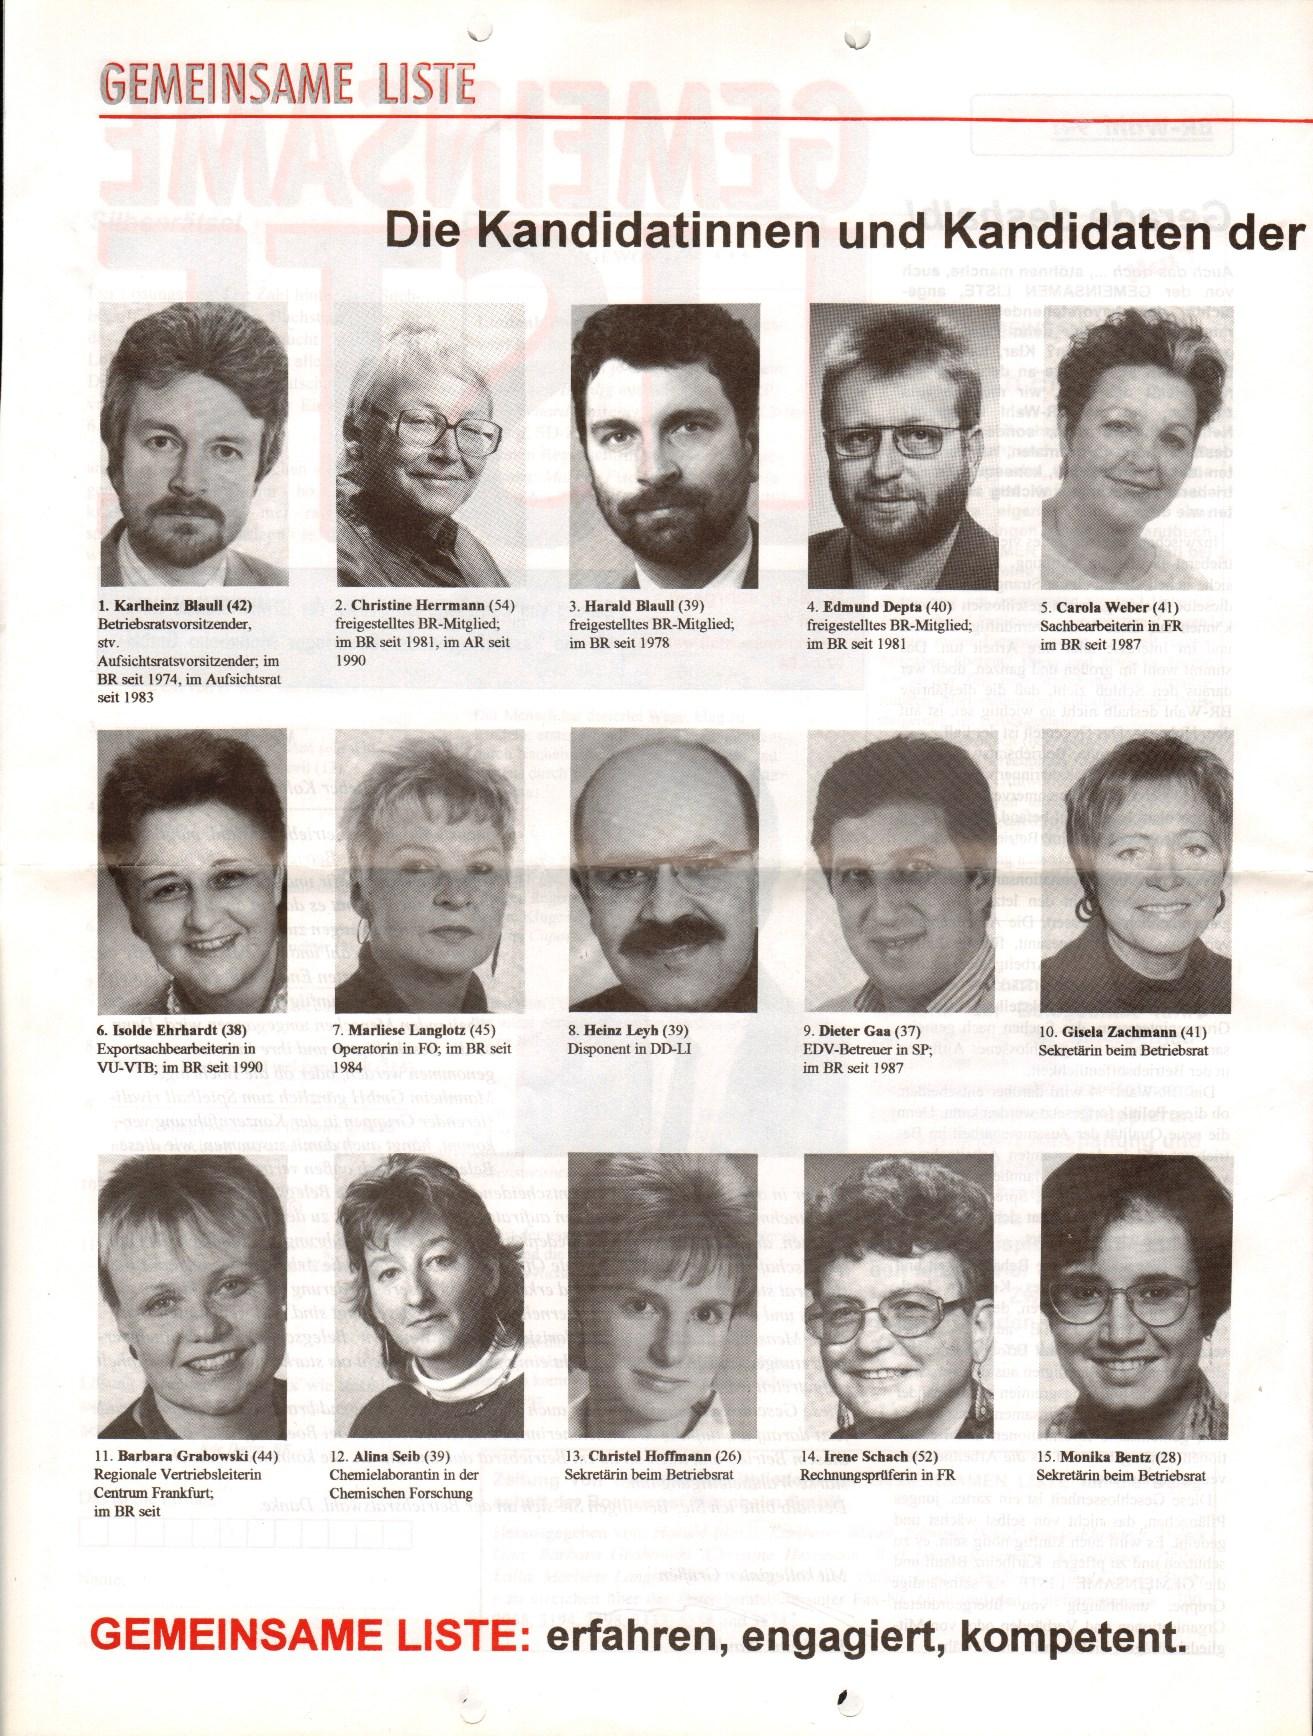 Mannheim_Boehringer_Gemeinsame_Liste_1994_02_02